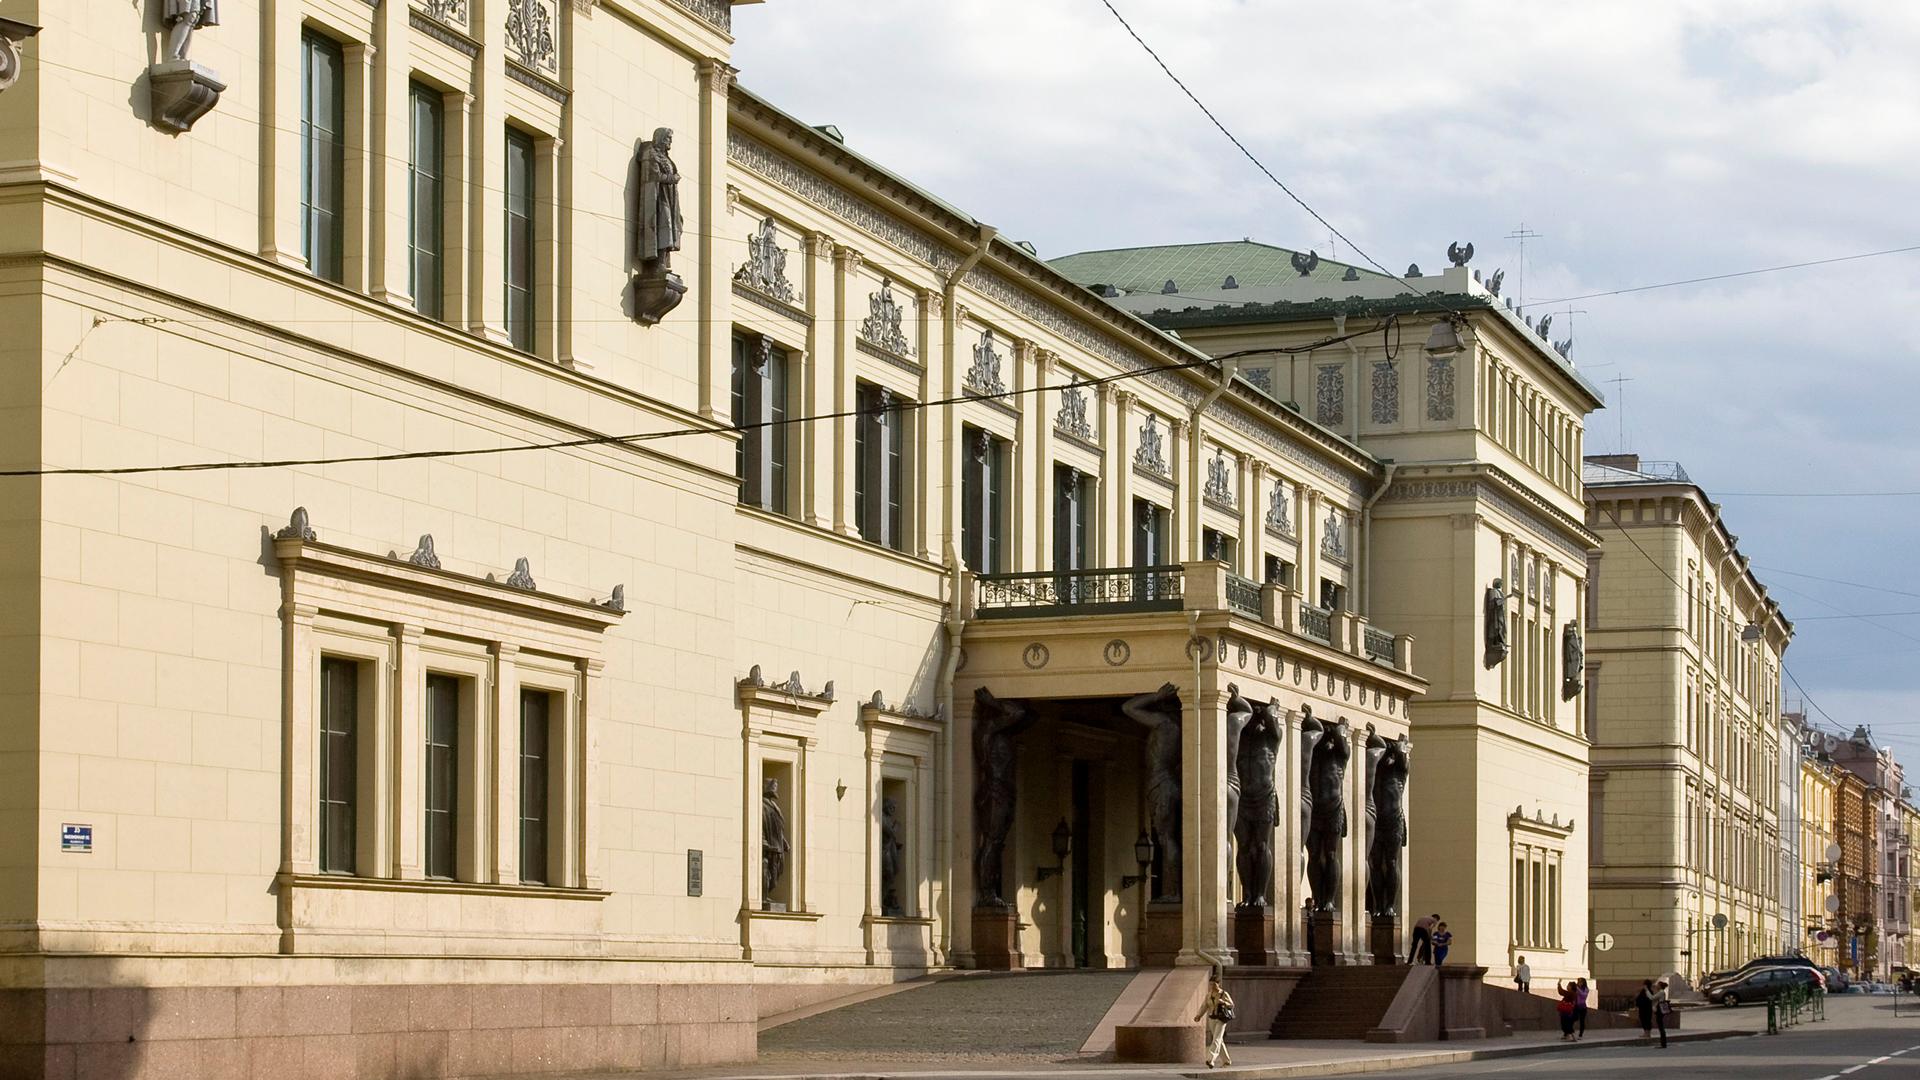 The New Hermitage